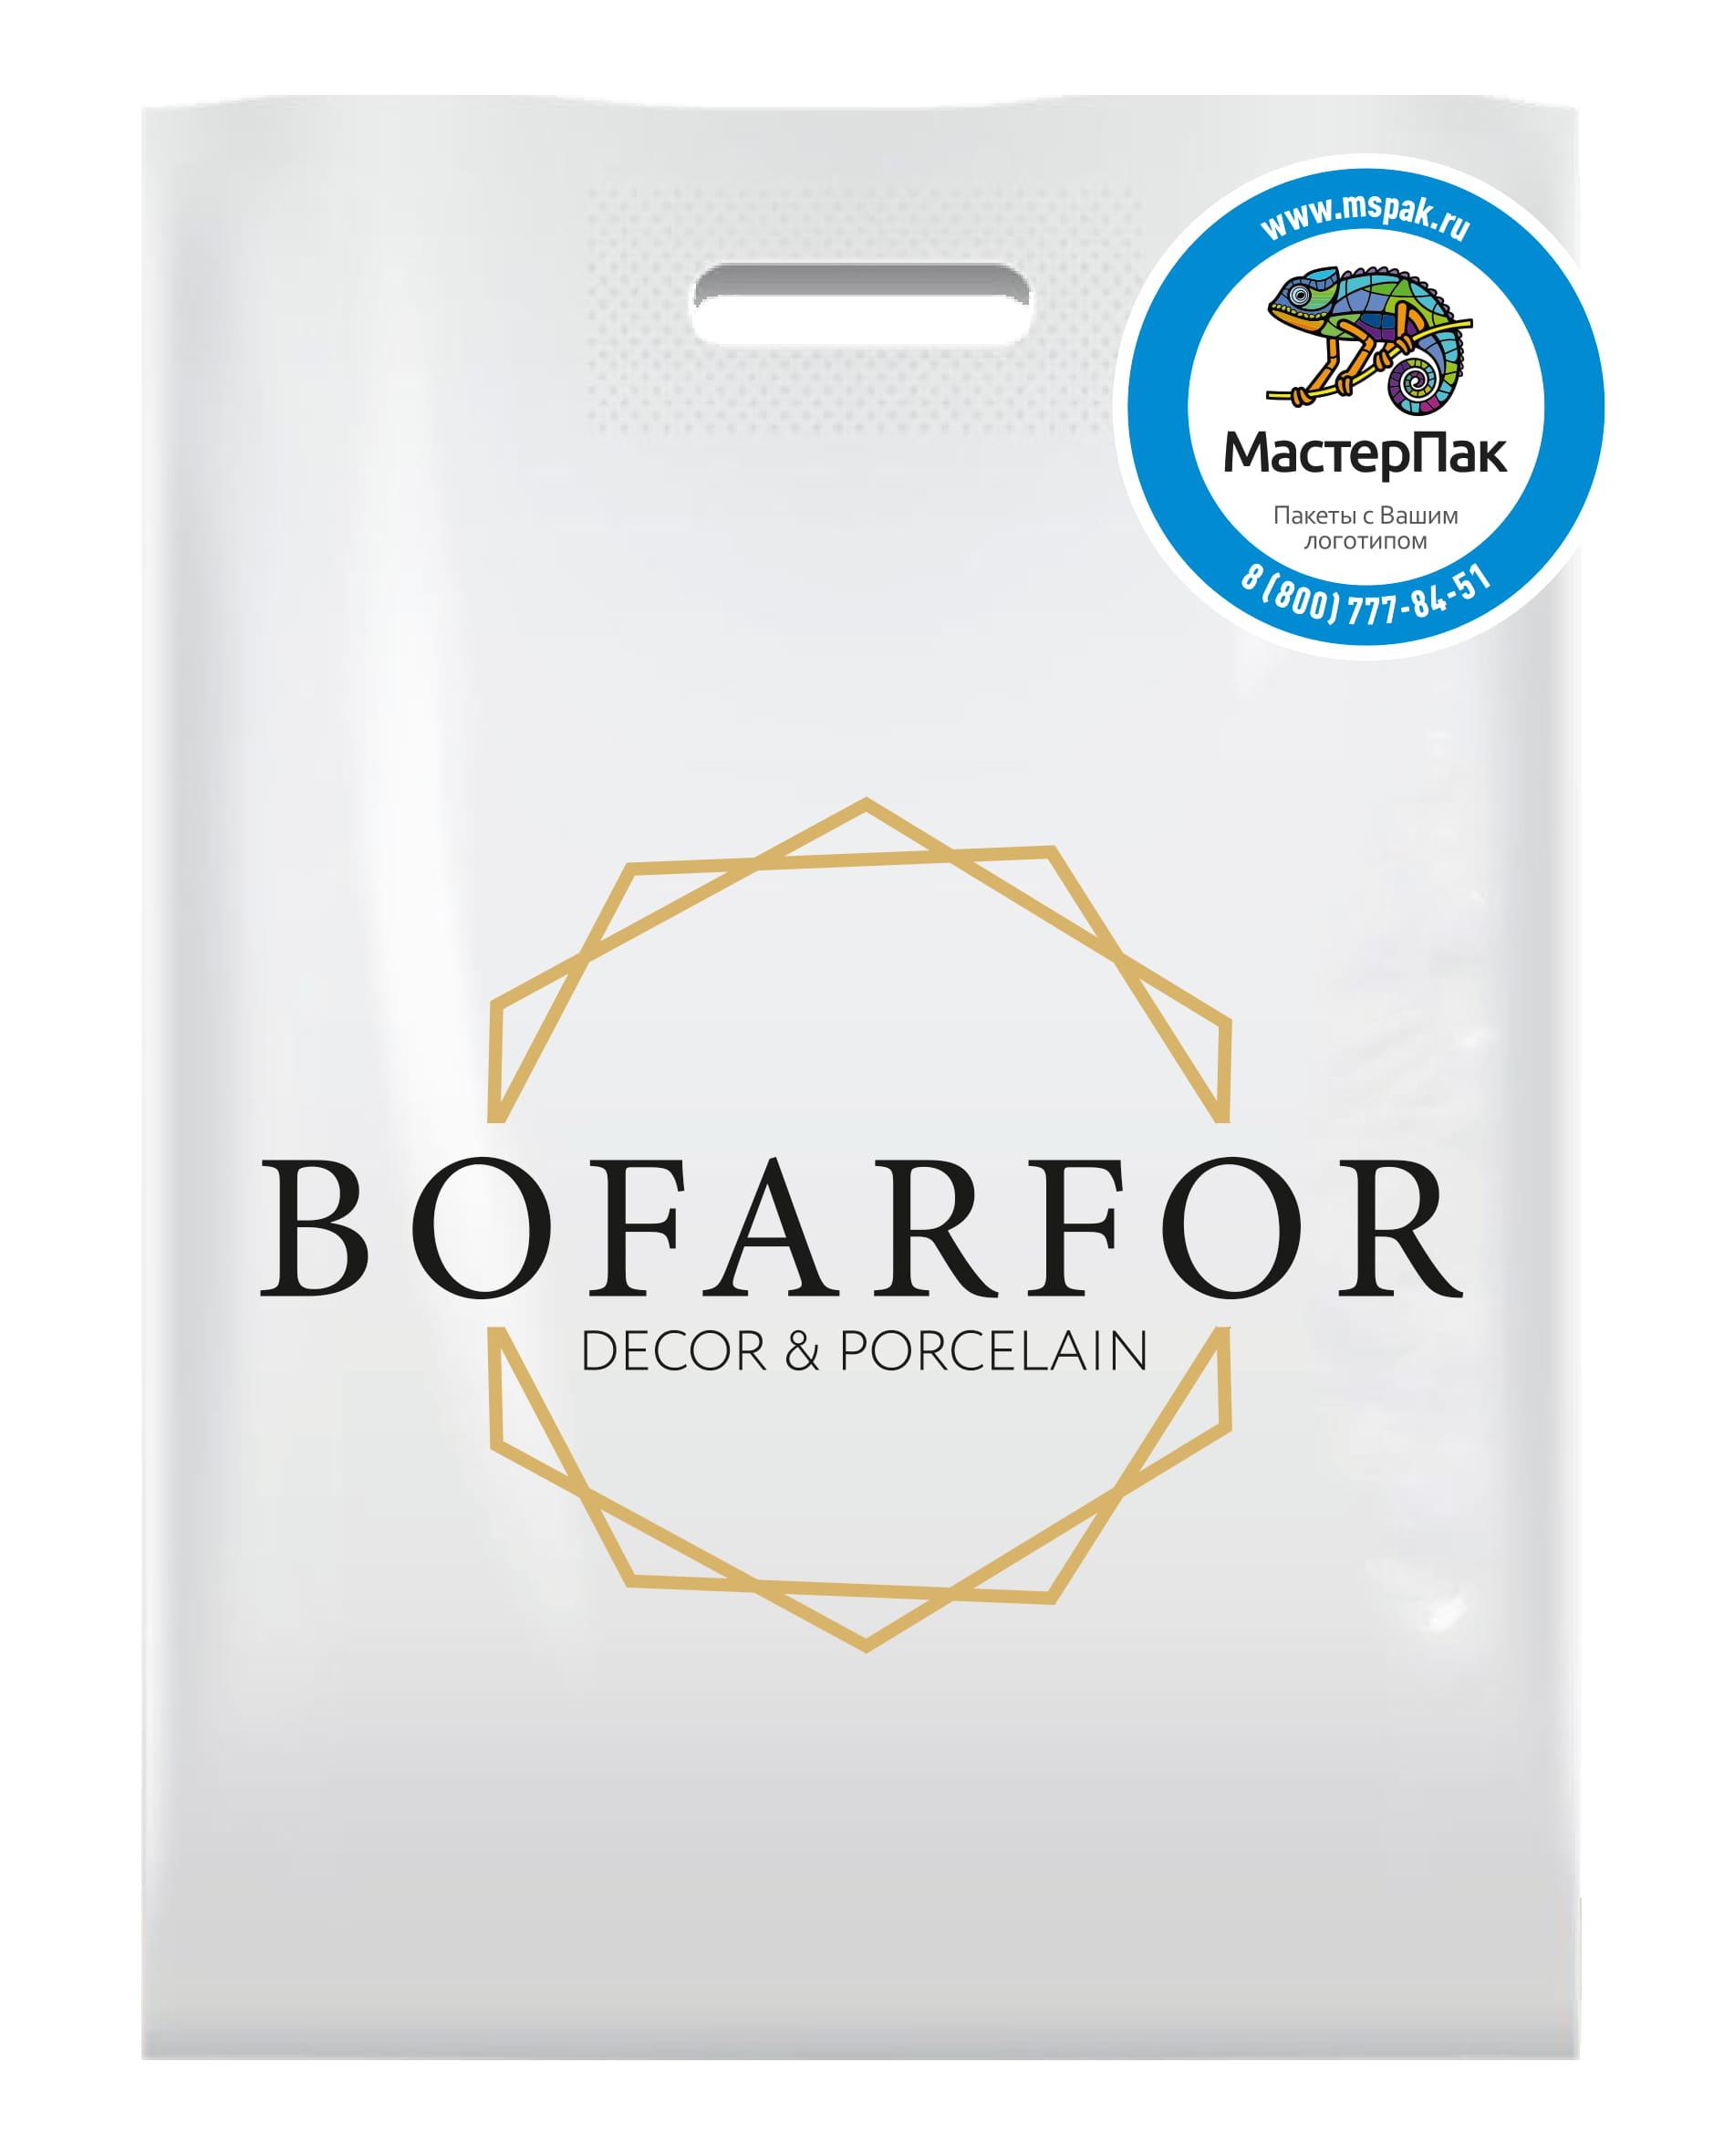 Пакет ПВД с логотипом Bofarfor, белый, вырубная ручка